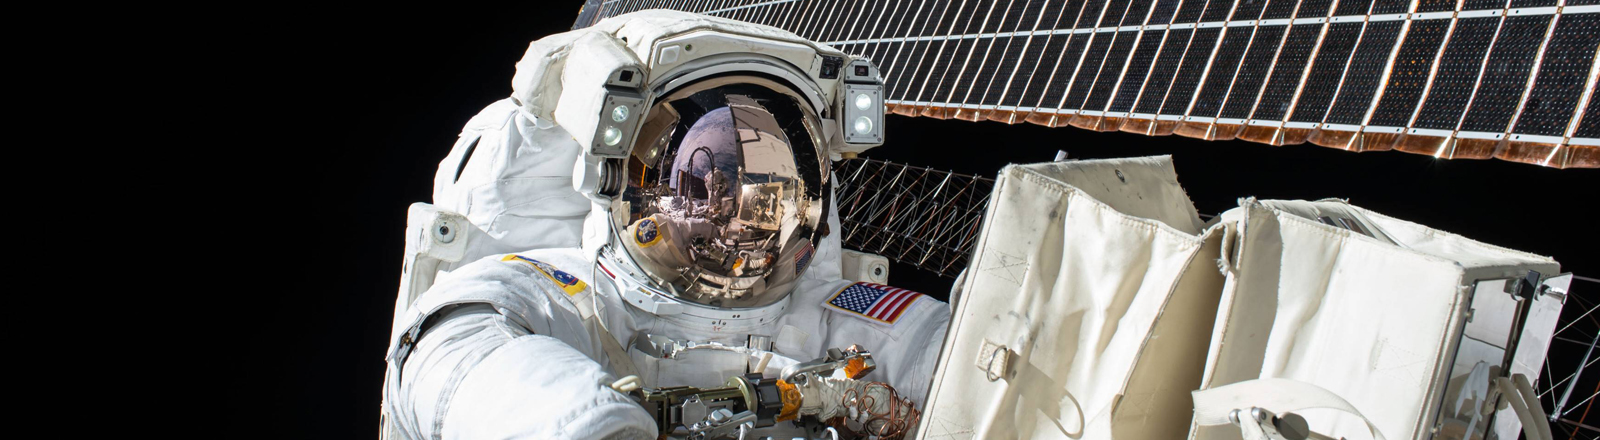 Ein Astronaut in Schutzanzug, der gerade von außen an der Internationalen Raumstation arbeitet.